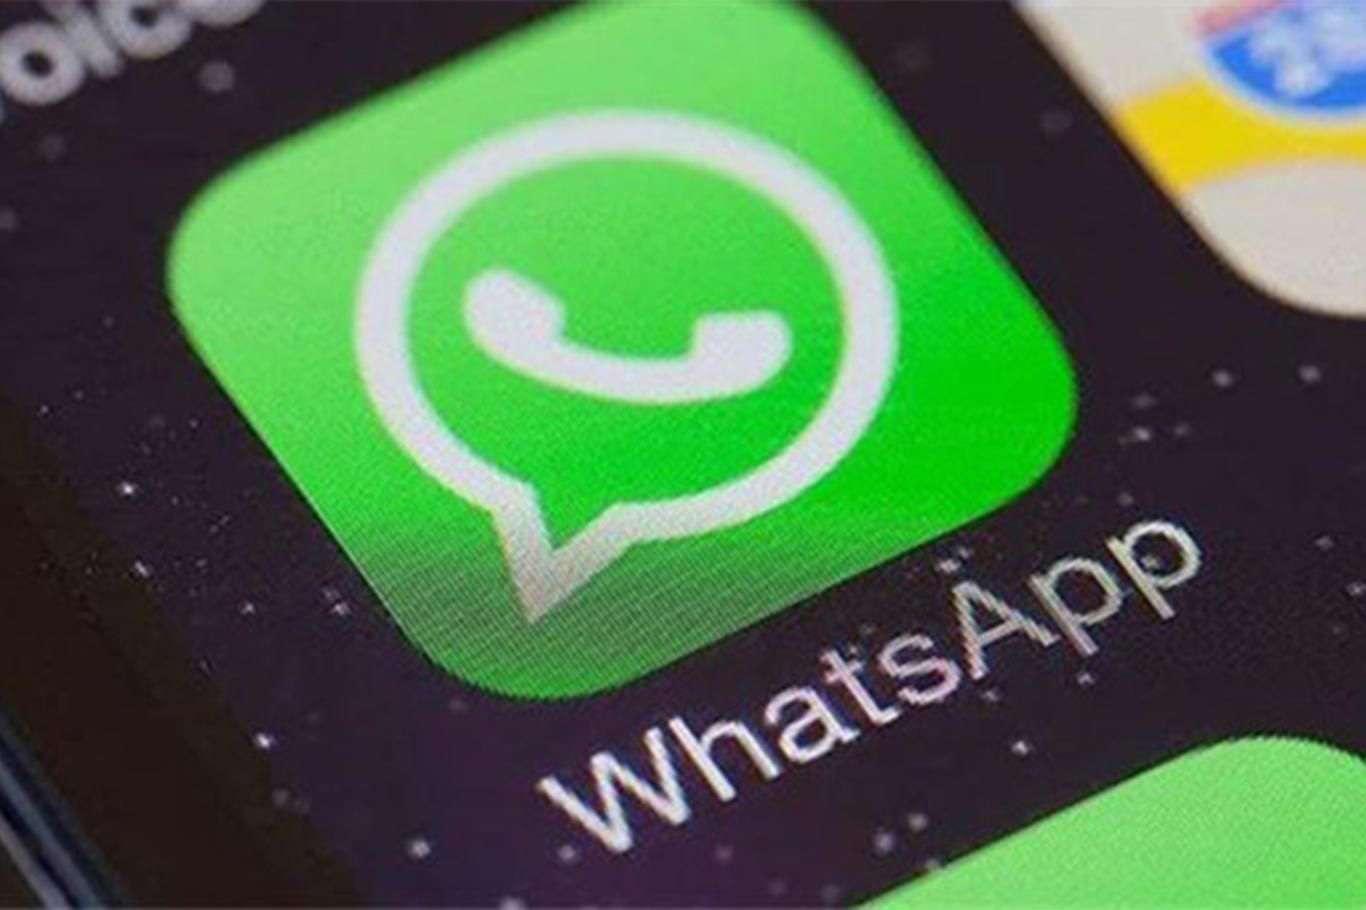 WhatsApp son görülme özelliğini değiştiriyor